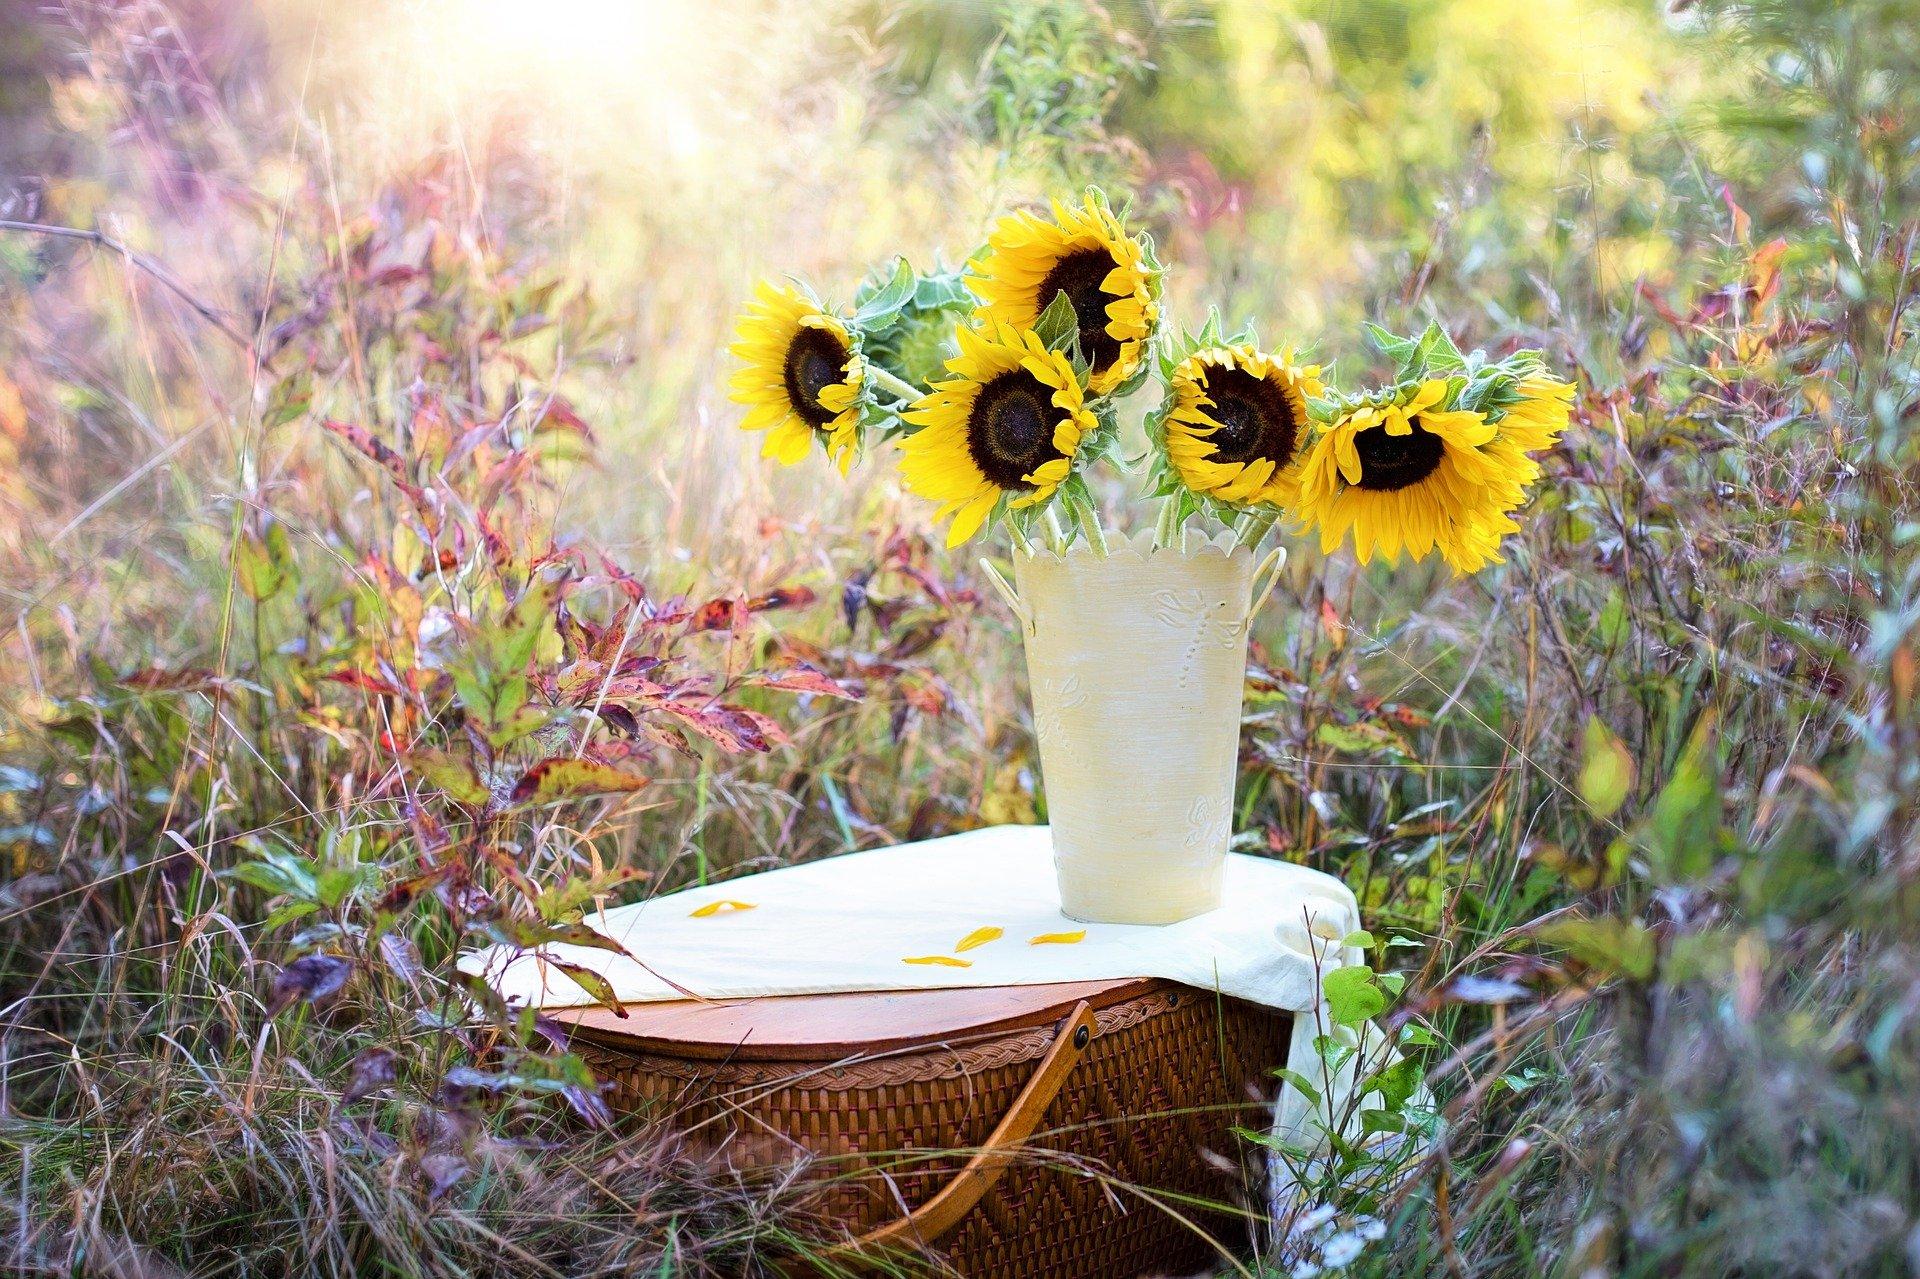 obrazek przedstawia łąkę kolorowoych kwiatów na któej stoi stolik z białym obrusem a na nim biały wazon, w któym włożone są słoneczniki